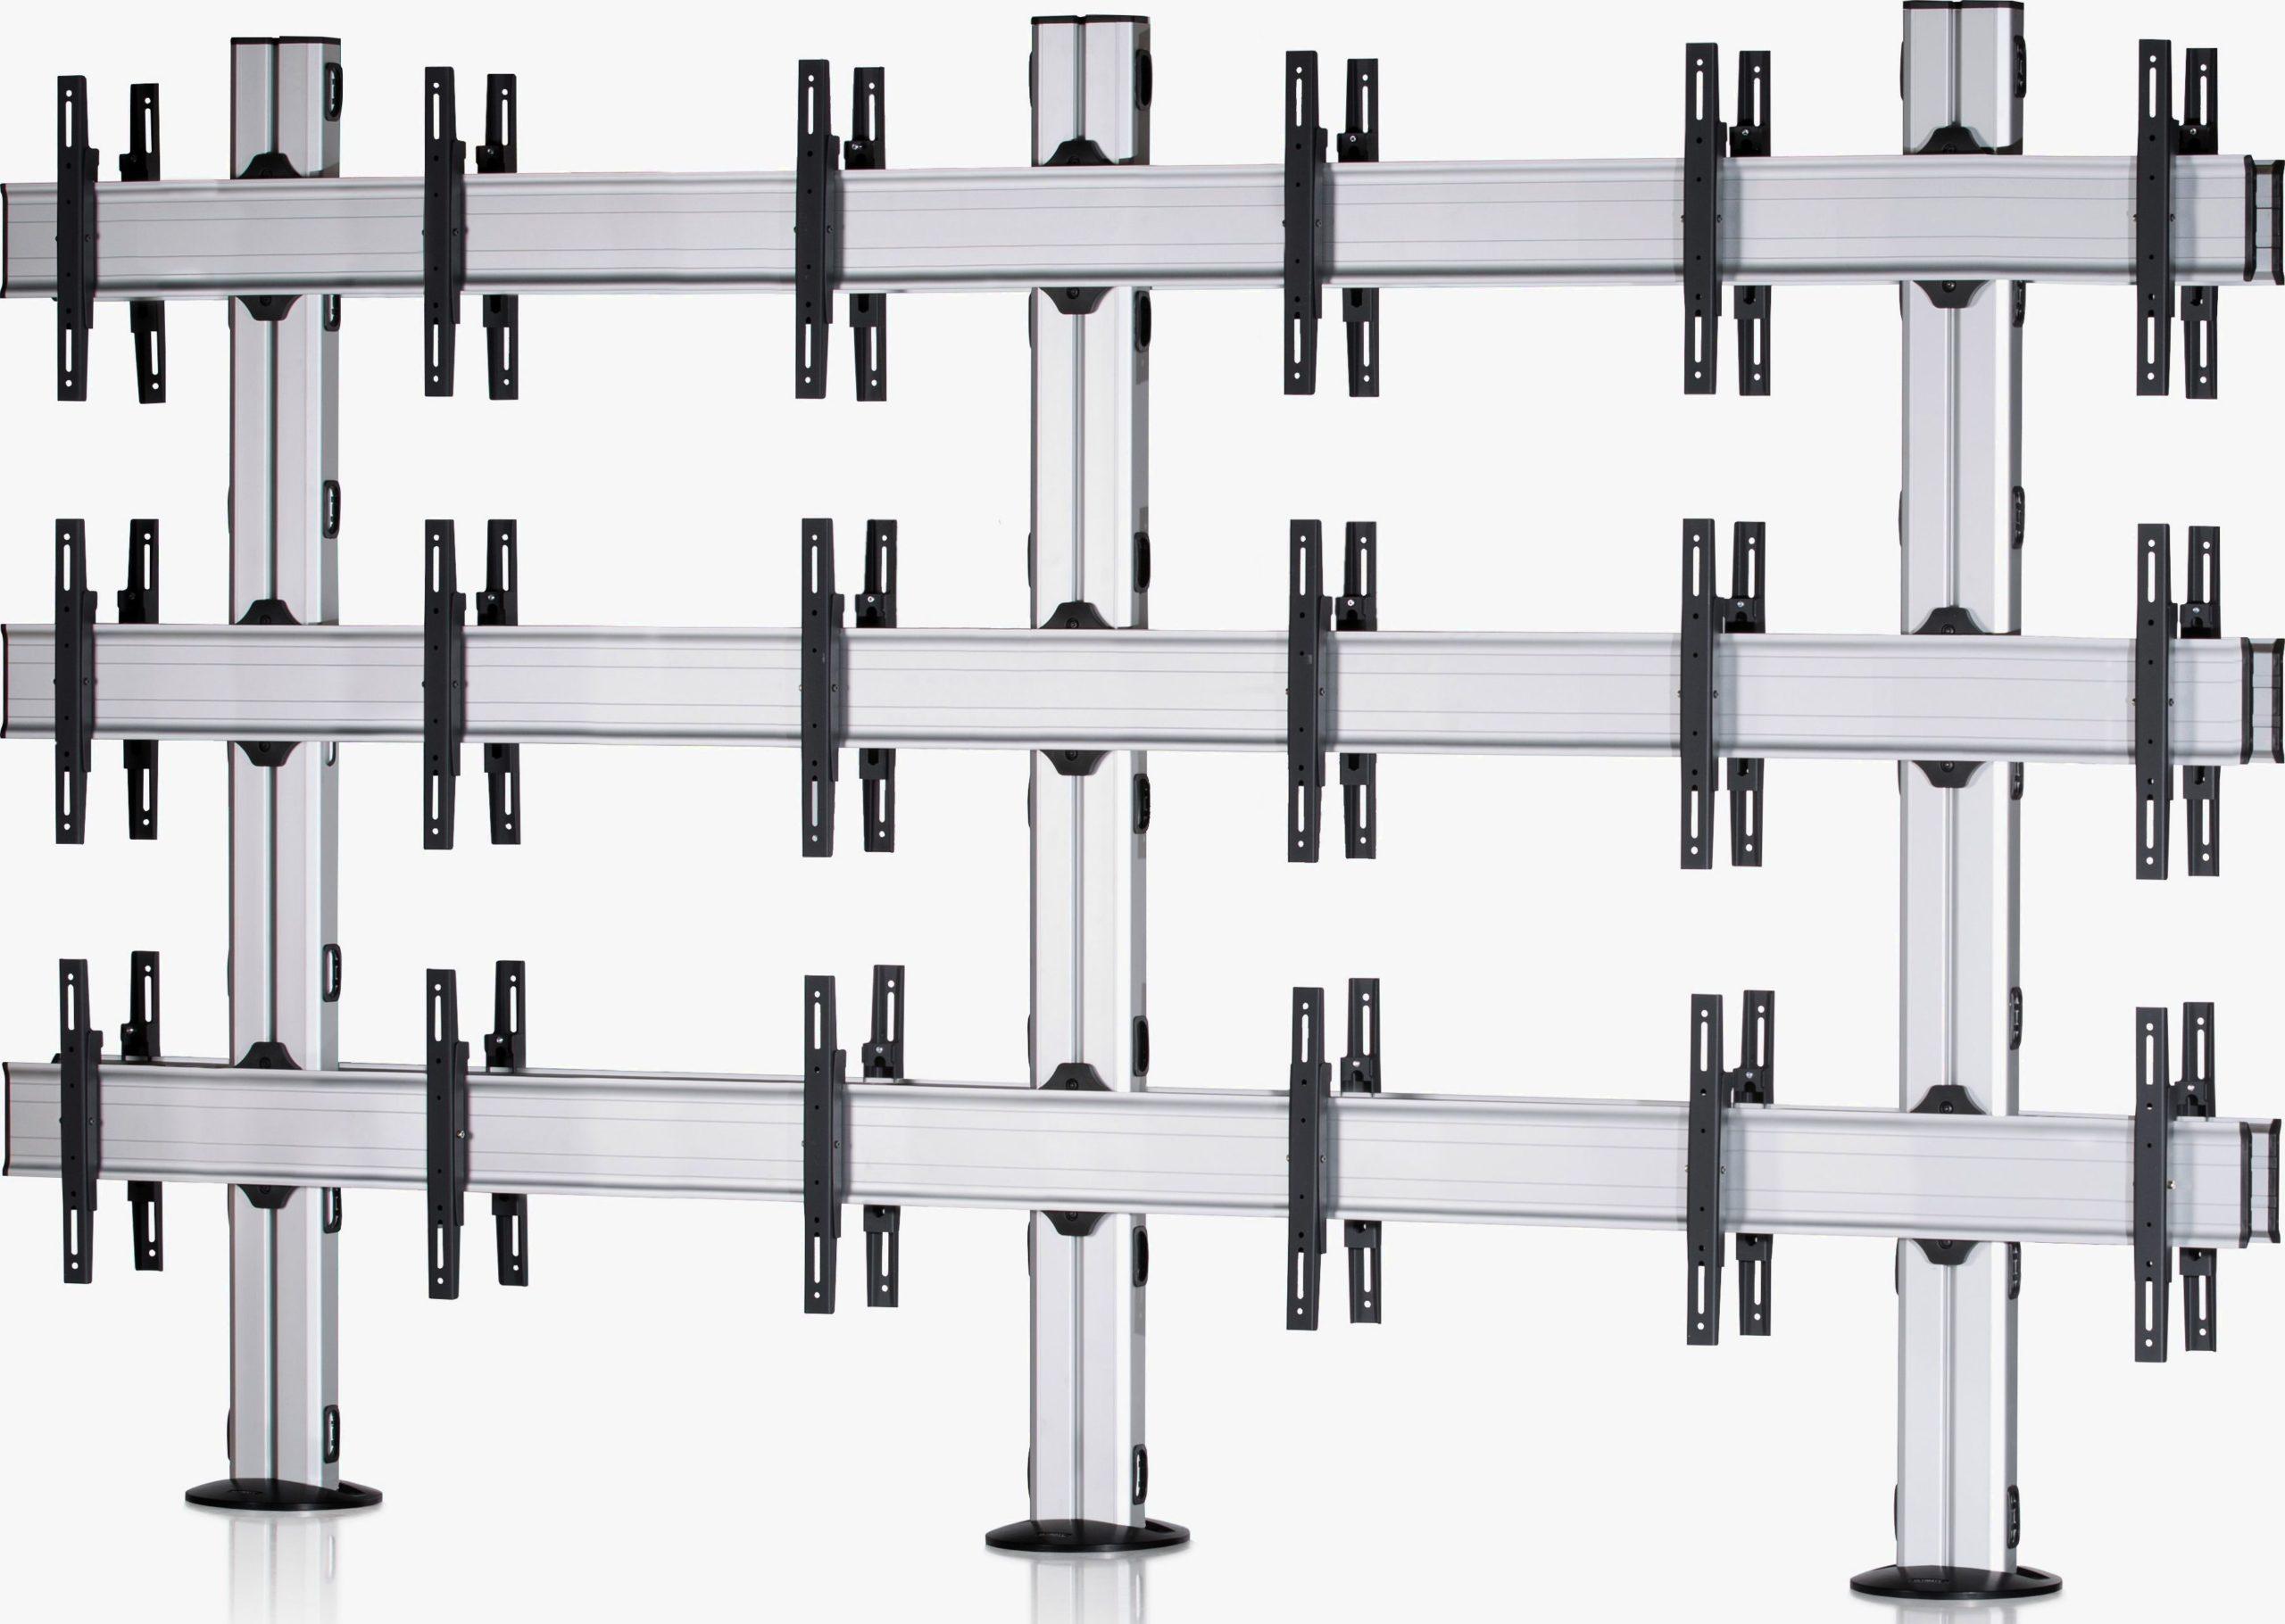 9 Displays 3x3, für große Bildschirme, Standard-VESA, zur Bodenbefestigung